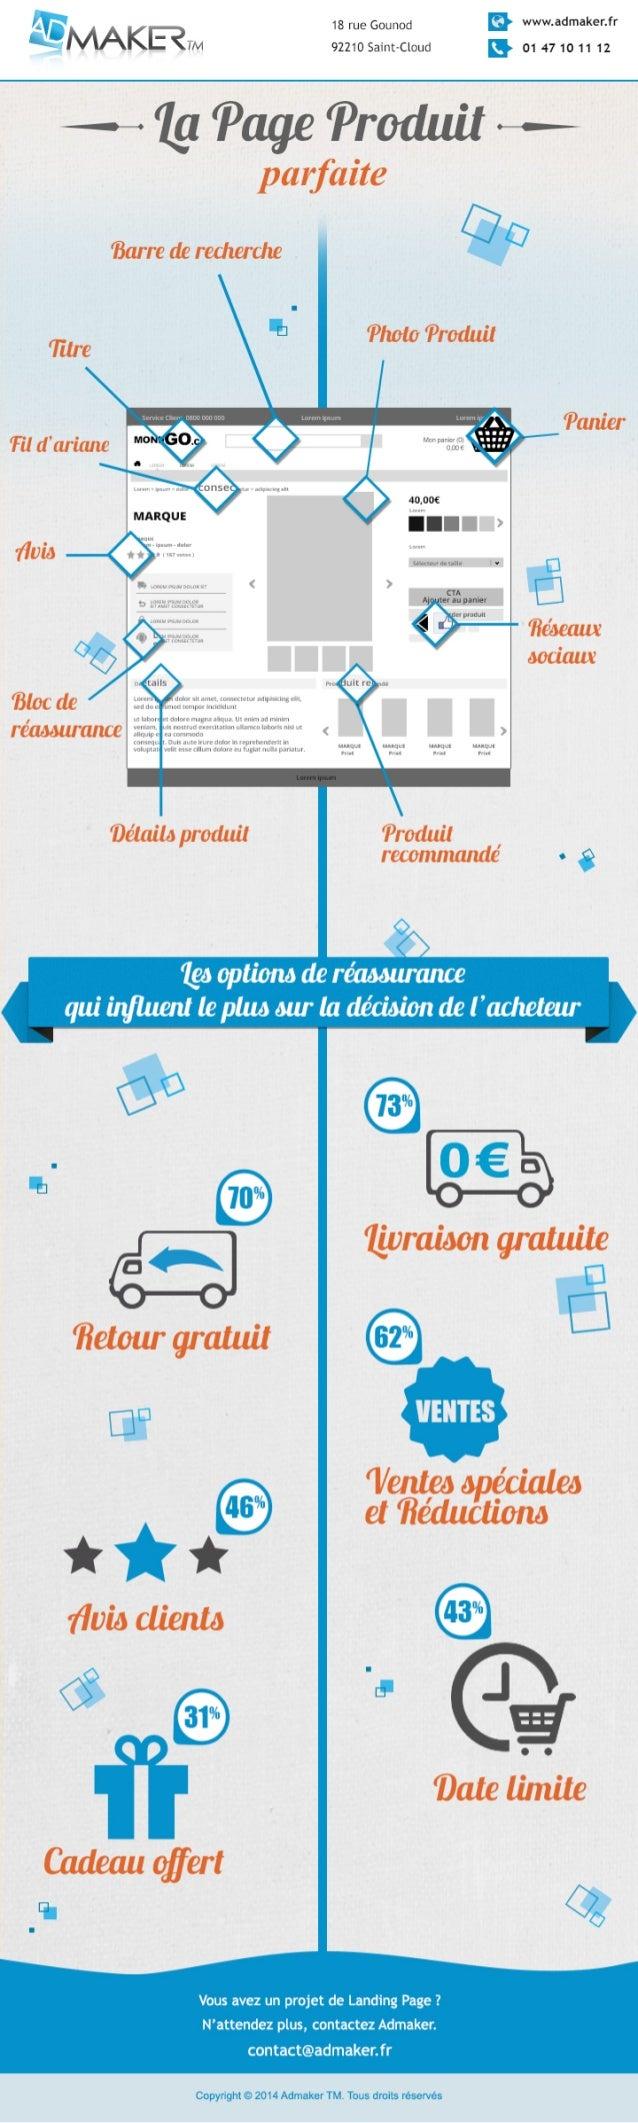 Améliorez l'ergonomie de votre page produit - Boostez votre taux de transformation et votre panier moyen